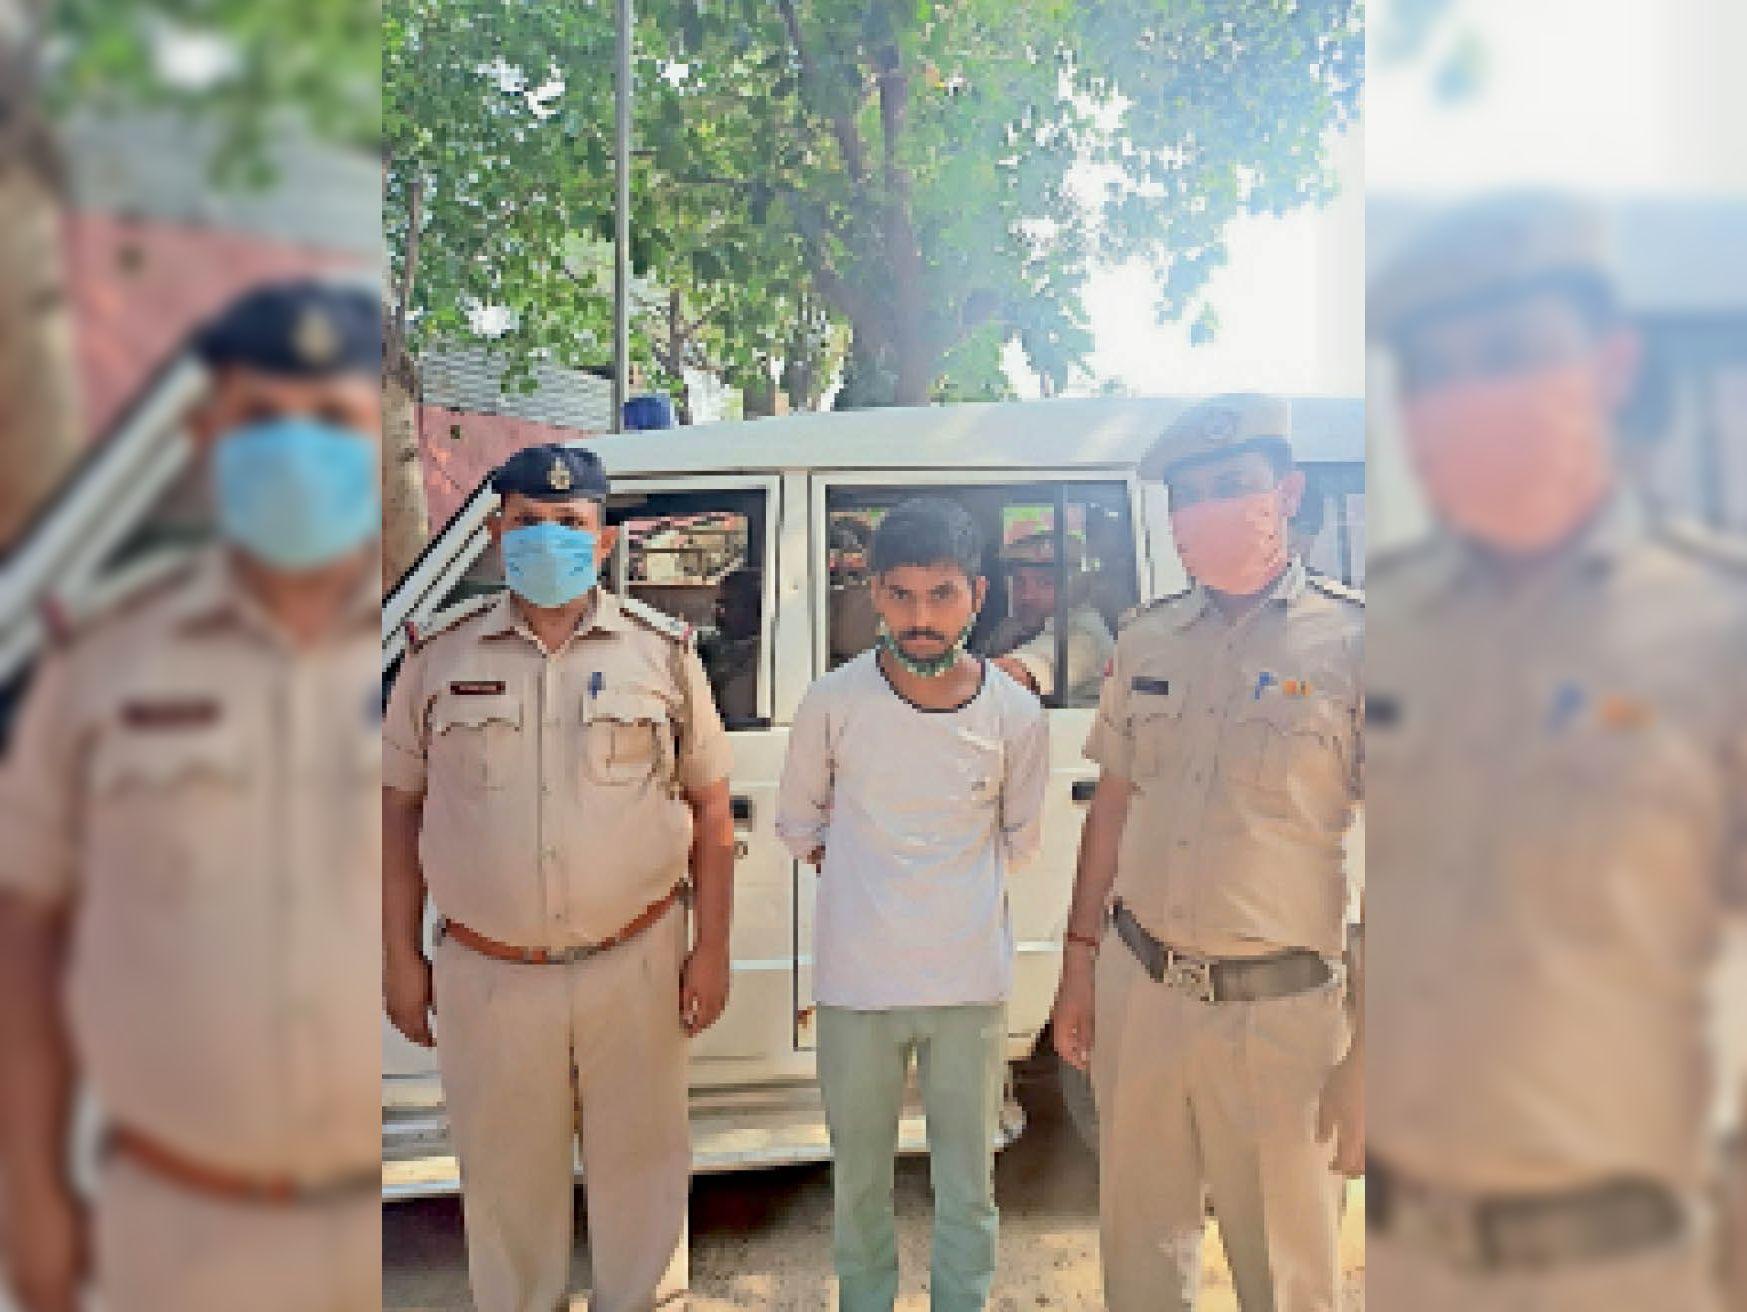 मारपीट और अपहरण का गिरफ्तार किया गया आरोपी। - Dainik Bhaskar